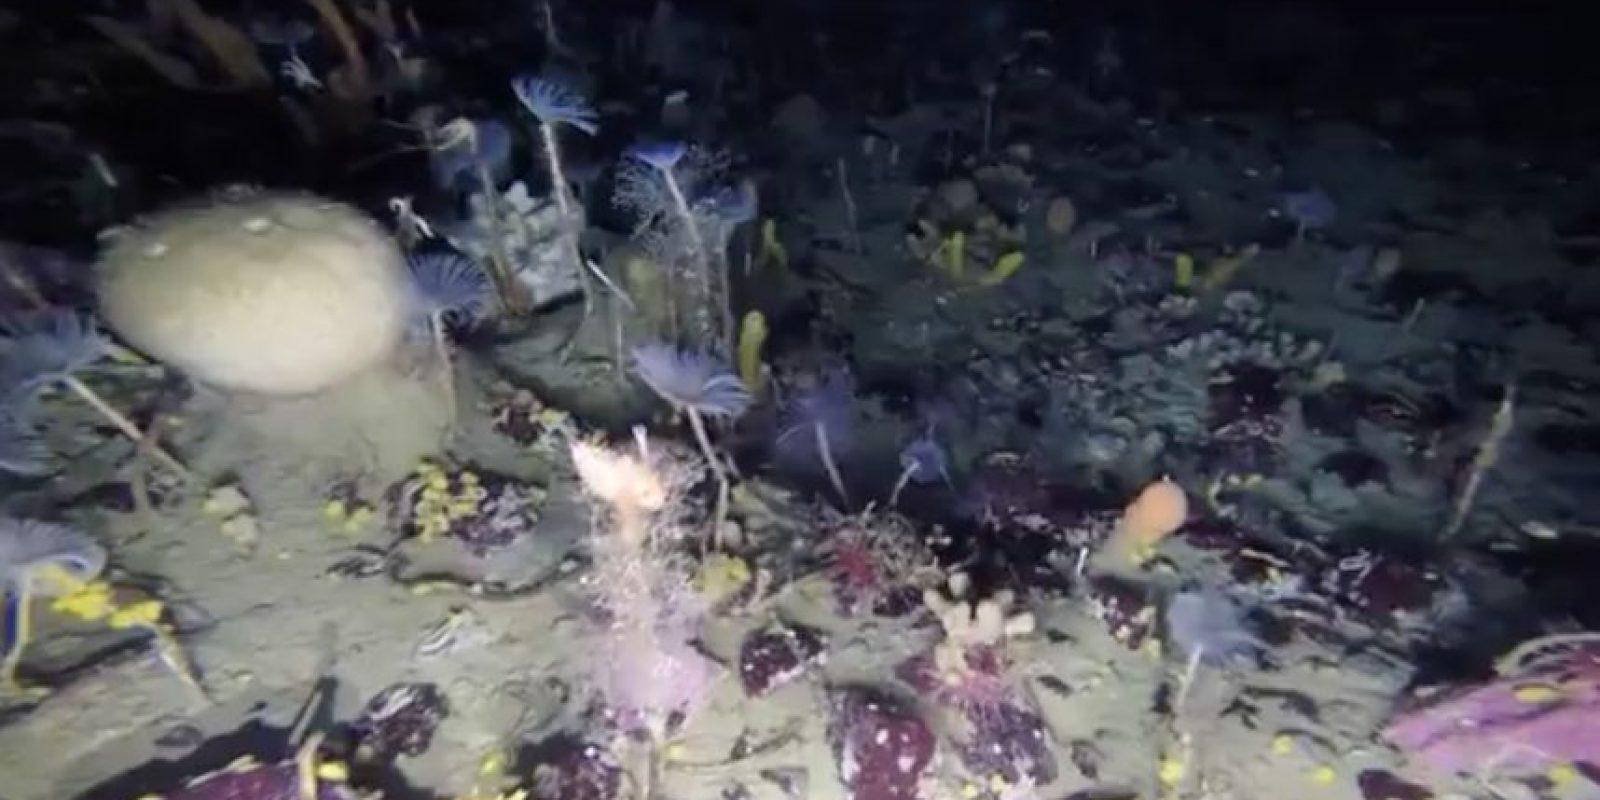 Los científicos intentan comprender mejor el impacto de la acidificación del océano Austral sobre las especies que viven sobre el nivel oceánico, bajo el efecto de las crecientes emisiones de dióxido de carbono. Foto:Reproducción @AusAntartic. Imagen Por: